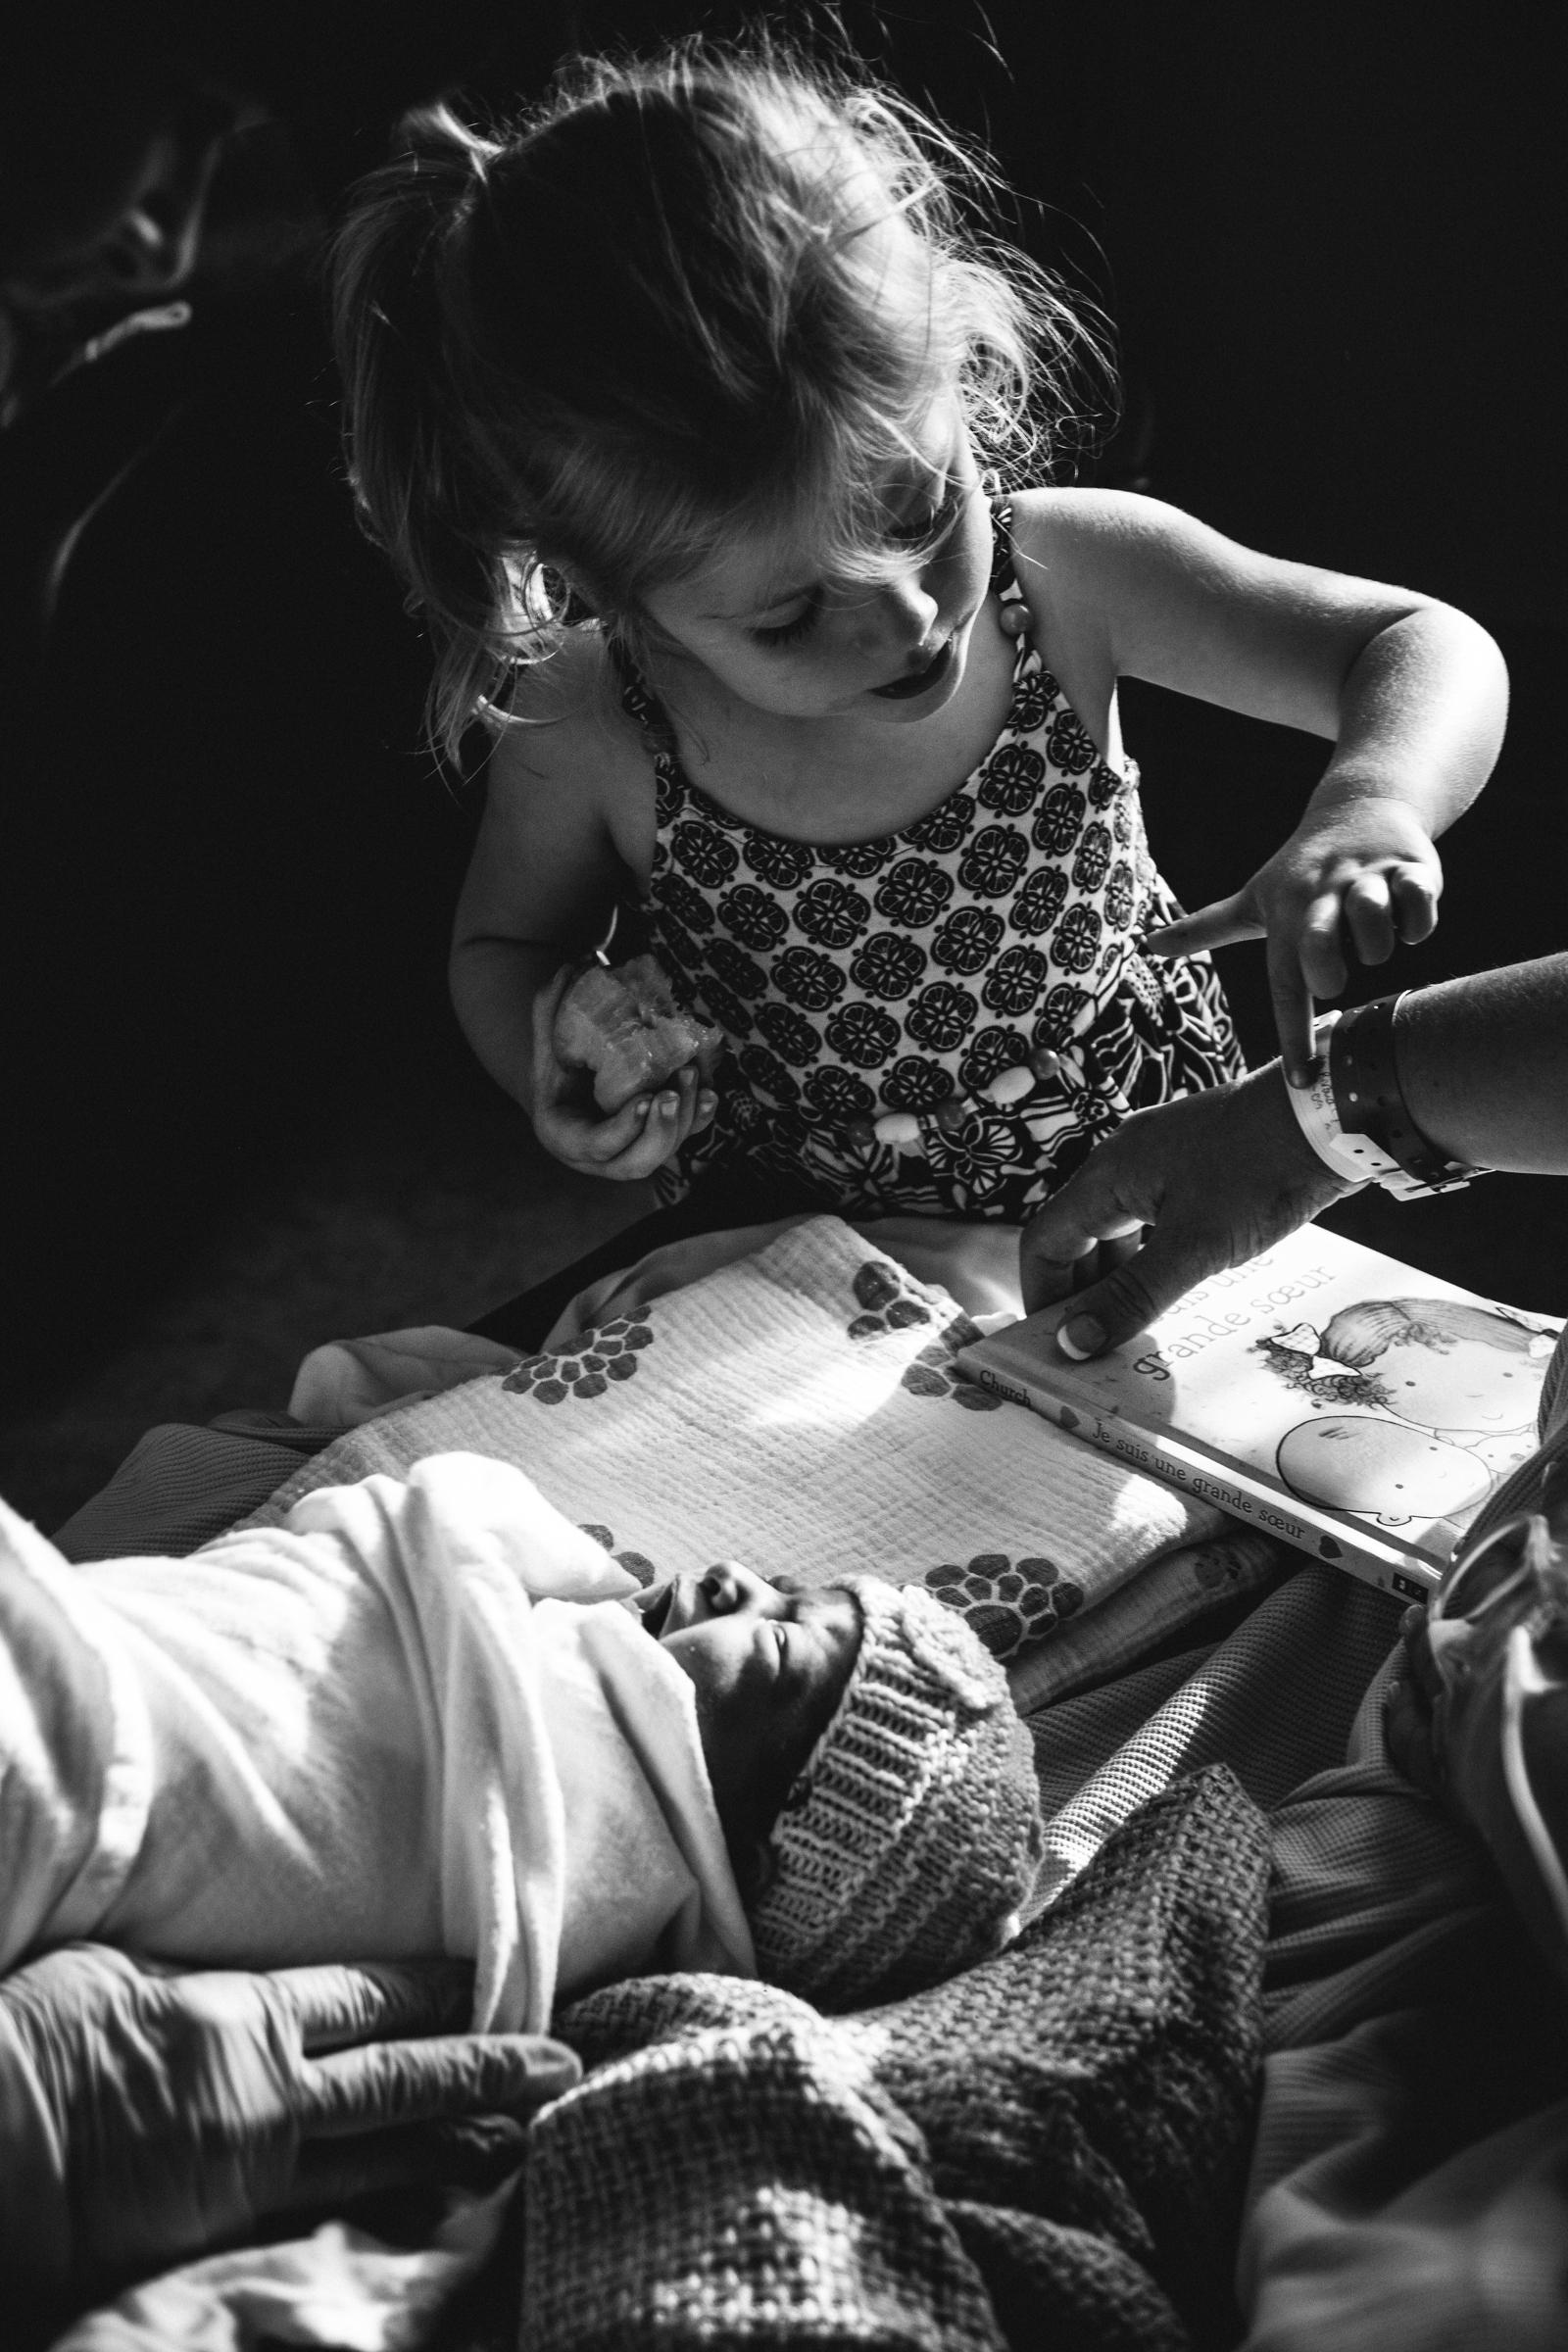 photo-de-nouveau-ne-a-l-hopital-fresh-48_photographie-noir-et-blanc-photographe-de-famille-lifestyle-enfant-montreal-31.jpg